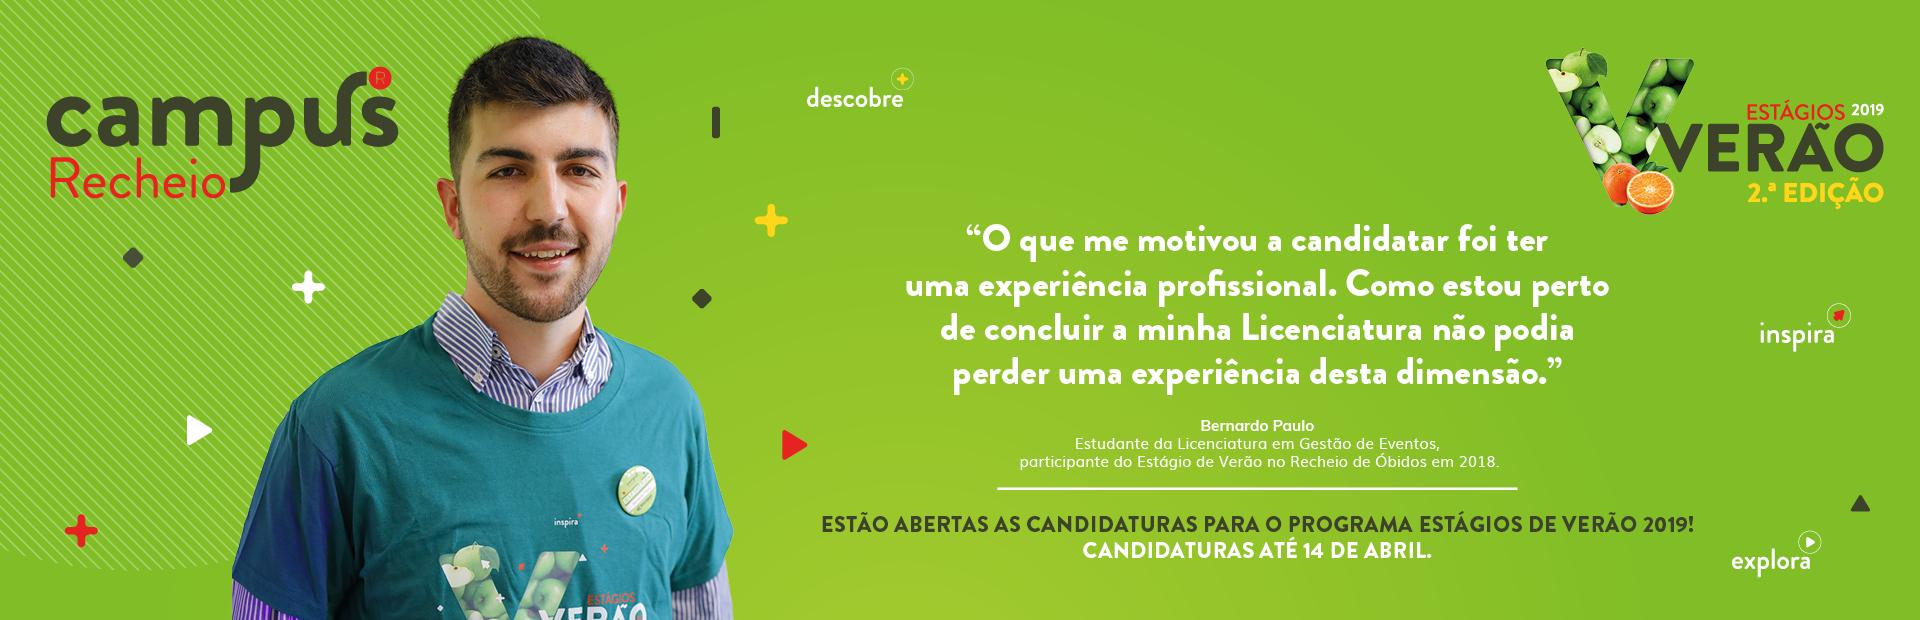 Recheio_campus_verao_Site_1920x620px_bernardo